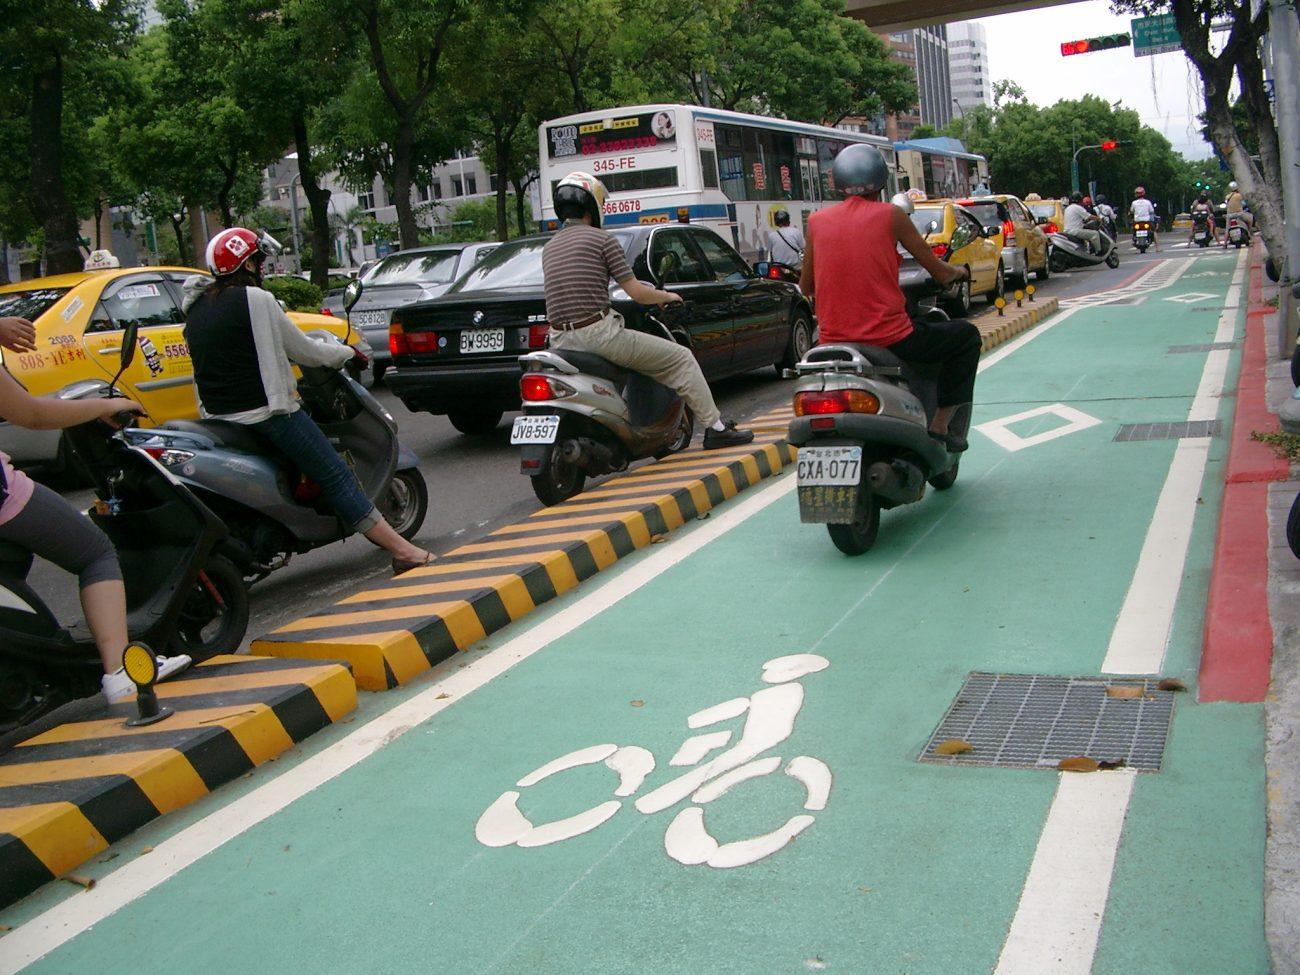 Ein Parade-Radweg, sogar mit Mäuerchen von der Straße abgegrenzt. Trotzdem eine prima Abkürzung für ungeduldige Scooter-Fahrer. (Taipeh, Dunhua N. Rd.)